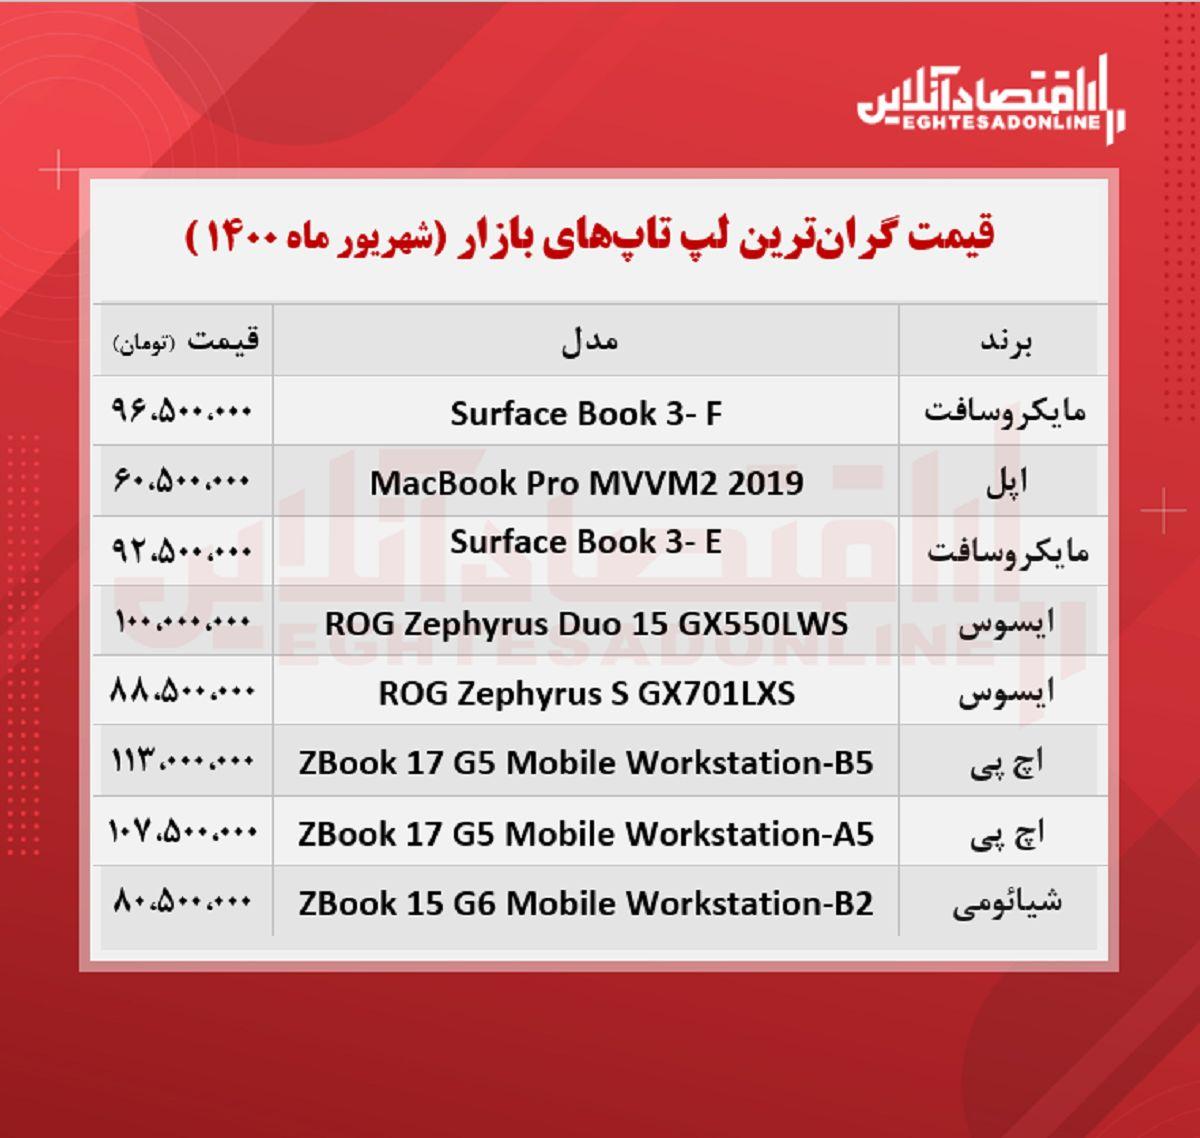 گران ترین لپ تاپ های بازار چند؟ / ۱۴شهریور